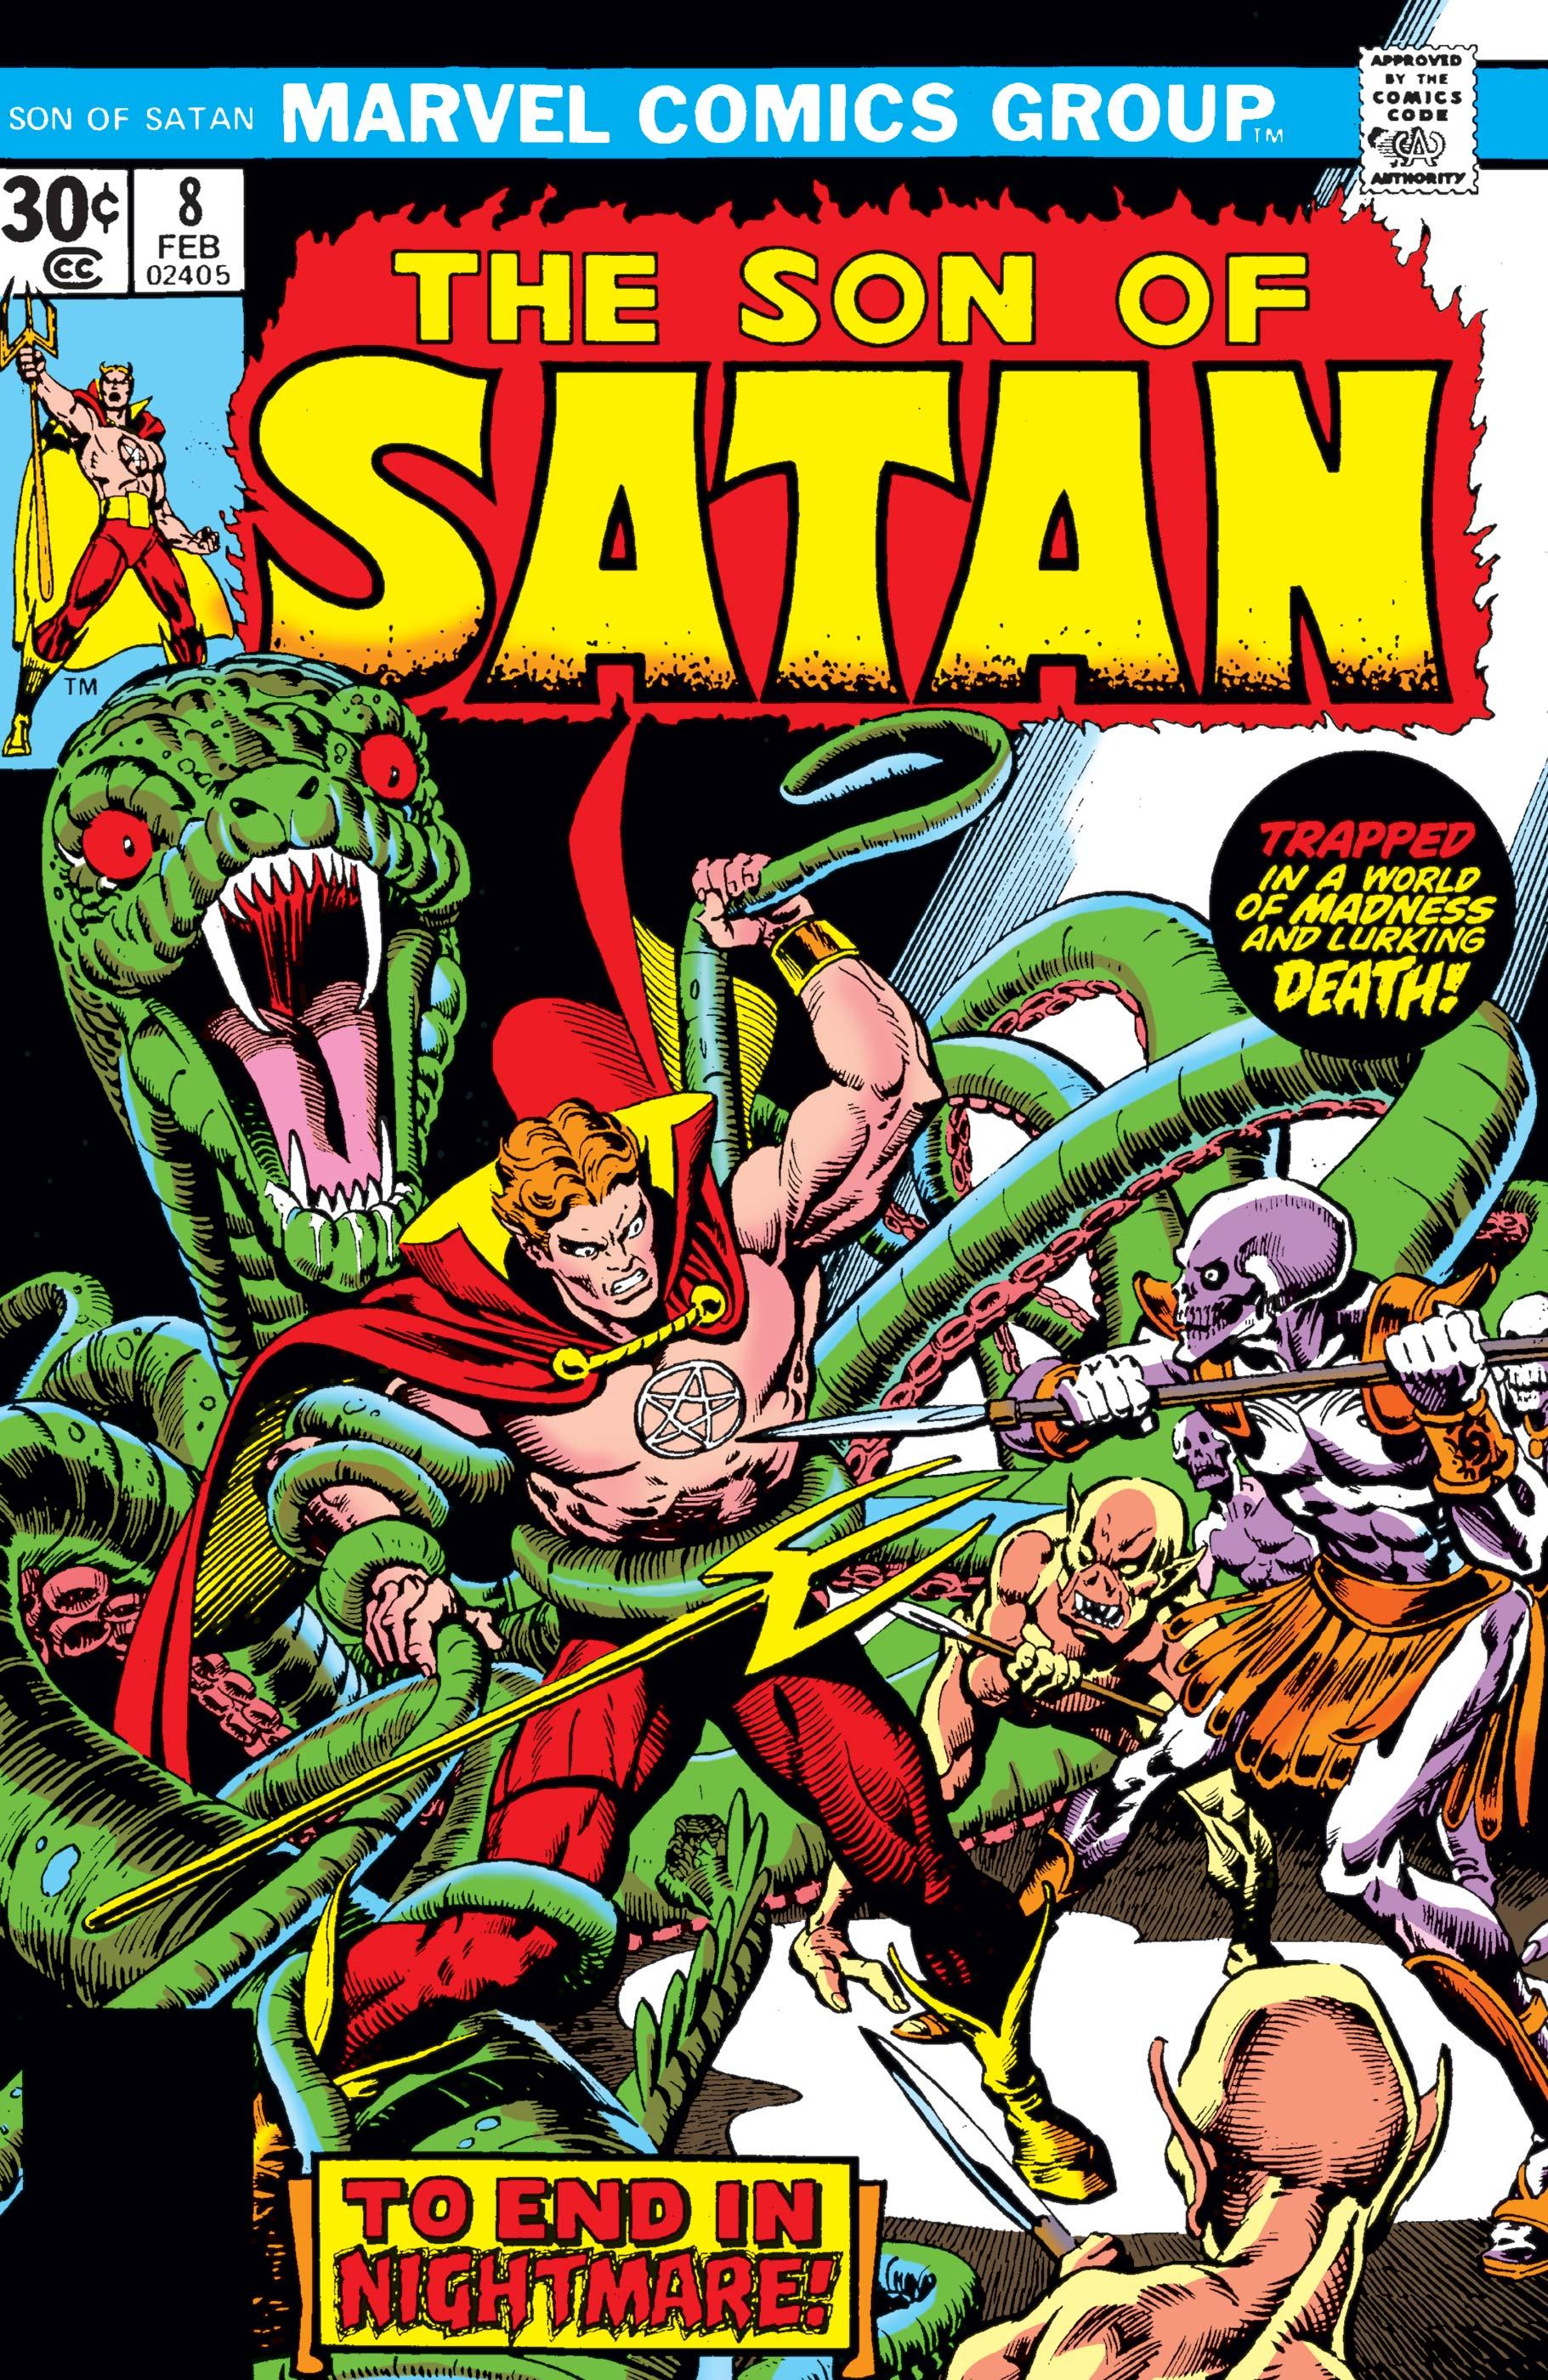 Son of Satan (1975) #8